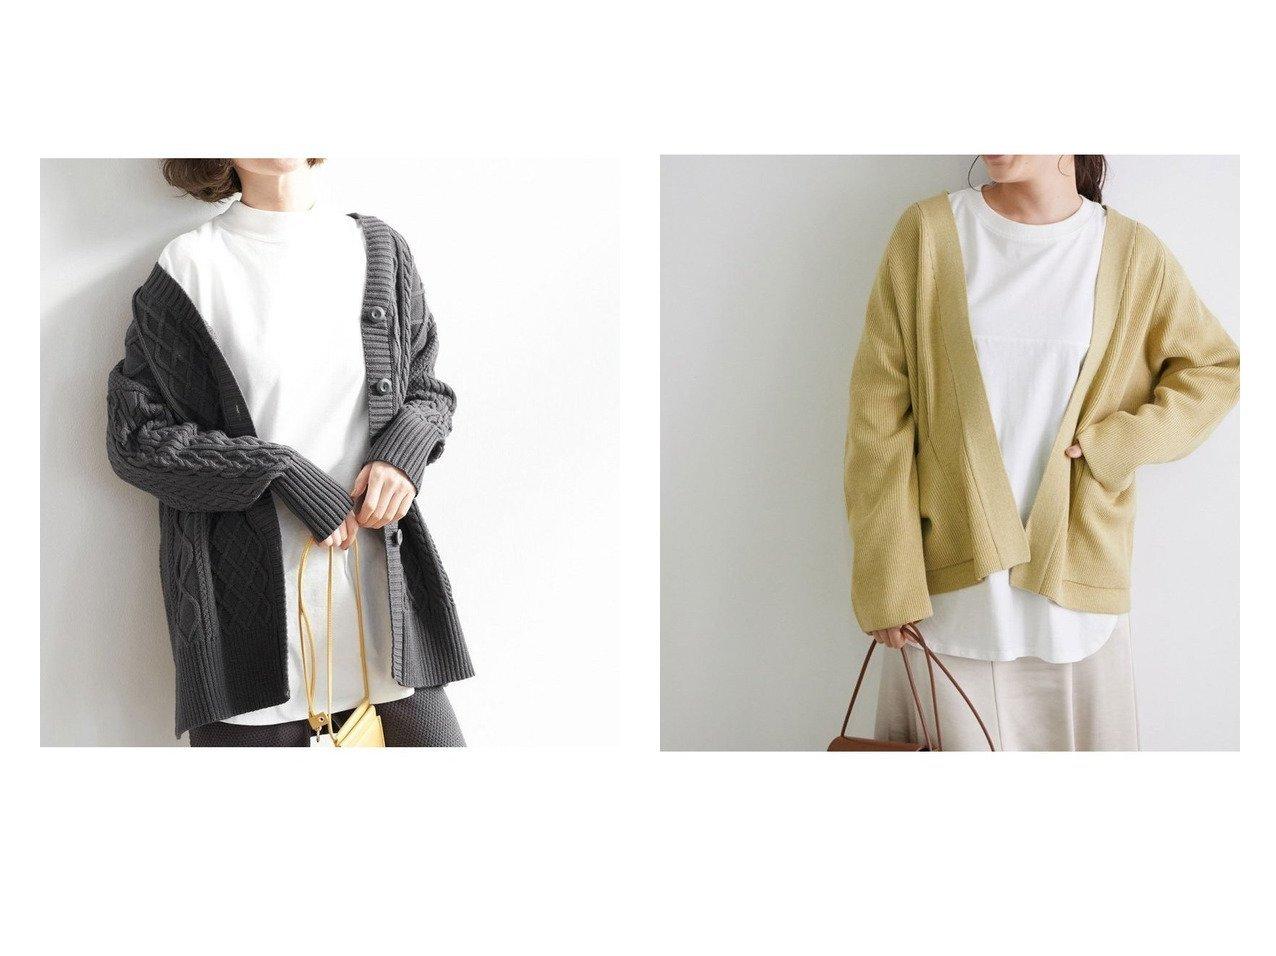 【ROPE' PICNIC/ロペピクニック】の【セットアップ対応】ケーブルカーディガン&畦編みトッパーカーディガン ROPEのおすすめ!人気、トレンド・レディースファッションの通販  おすすめで人気の流行・トレンド、ファッションの通販商品 メンズファッション・キッズファッション・インテリア・家具・レディースファッション・服の通販 founy(ファニー) https://founy.com/ ファッション Fashion レディースファッション WOMEN トップス Tops Tshirt ニット Knit Tops カーディガン Cardigans パーカ Sweats 畦編みニット Cardigan Stitch NEW・新作・新着・新入荷 New Arrivals カーディガン セットアップ トレンド ポケット 冬 Winter 春 Spring 秋 Autumn/Fall イエロー トッパー ベーシック 畦 羽織 |ID:crp329100000017843